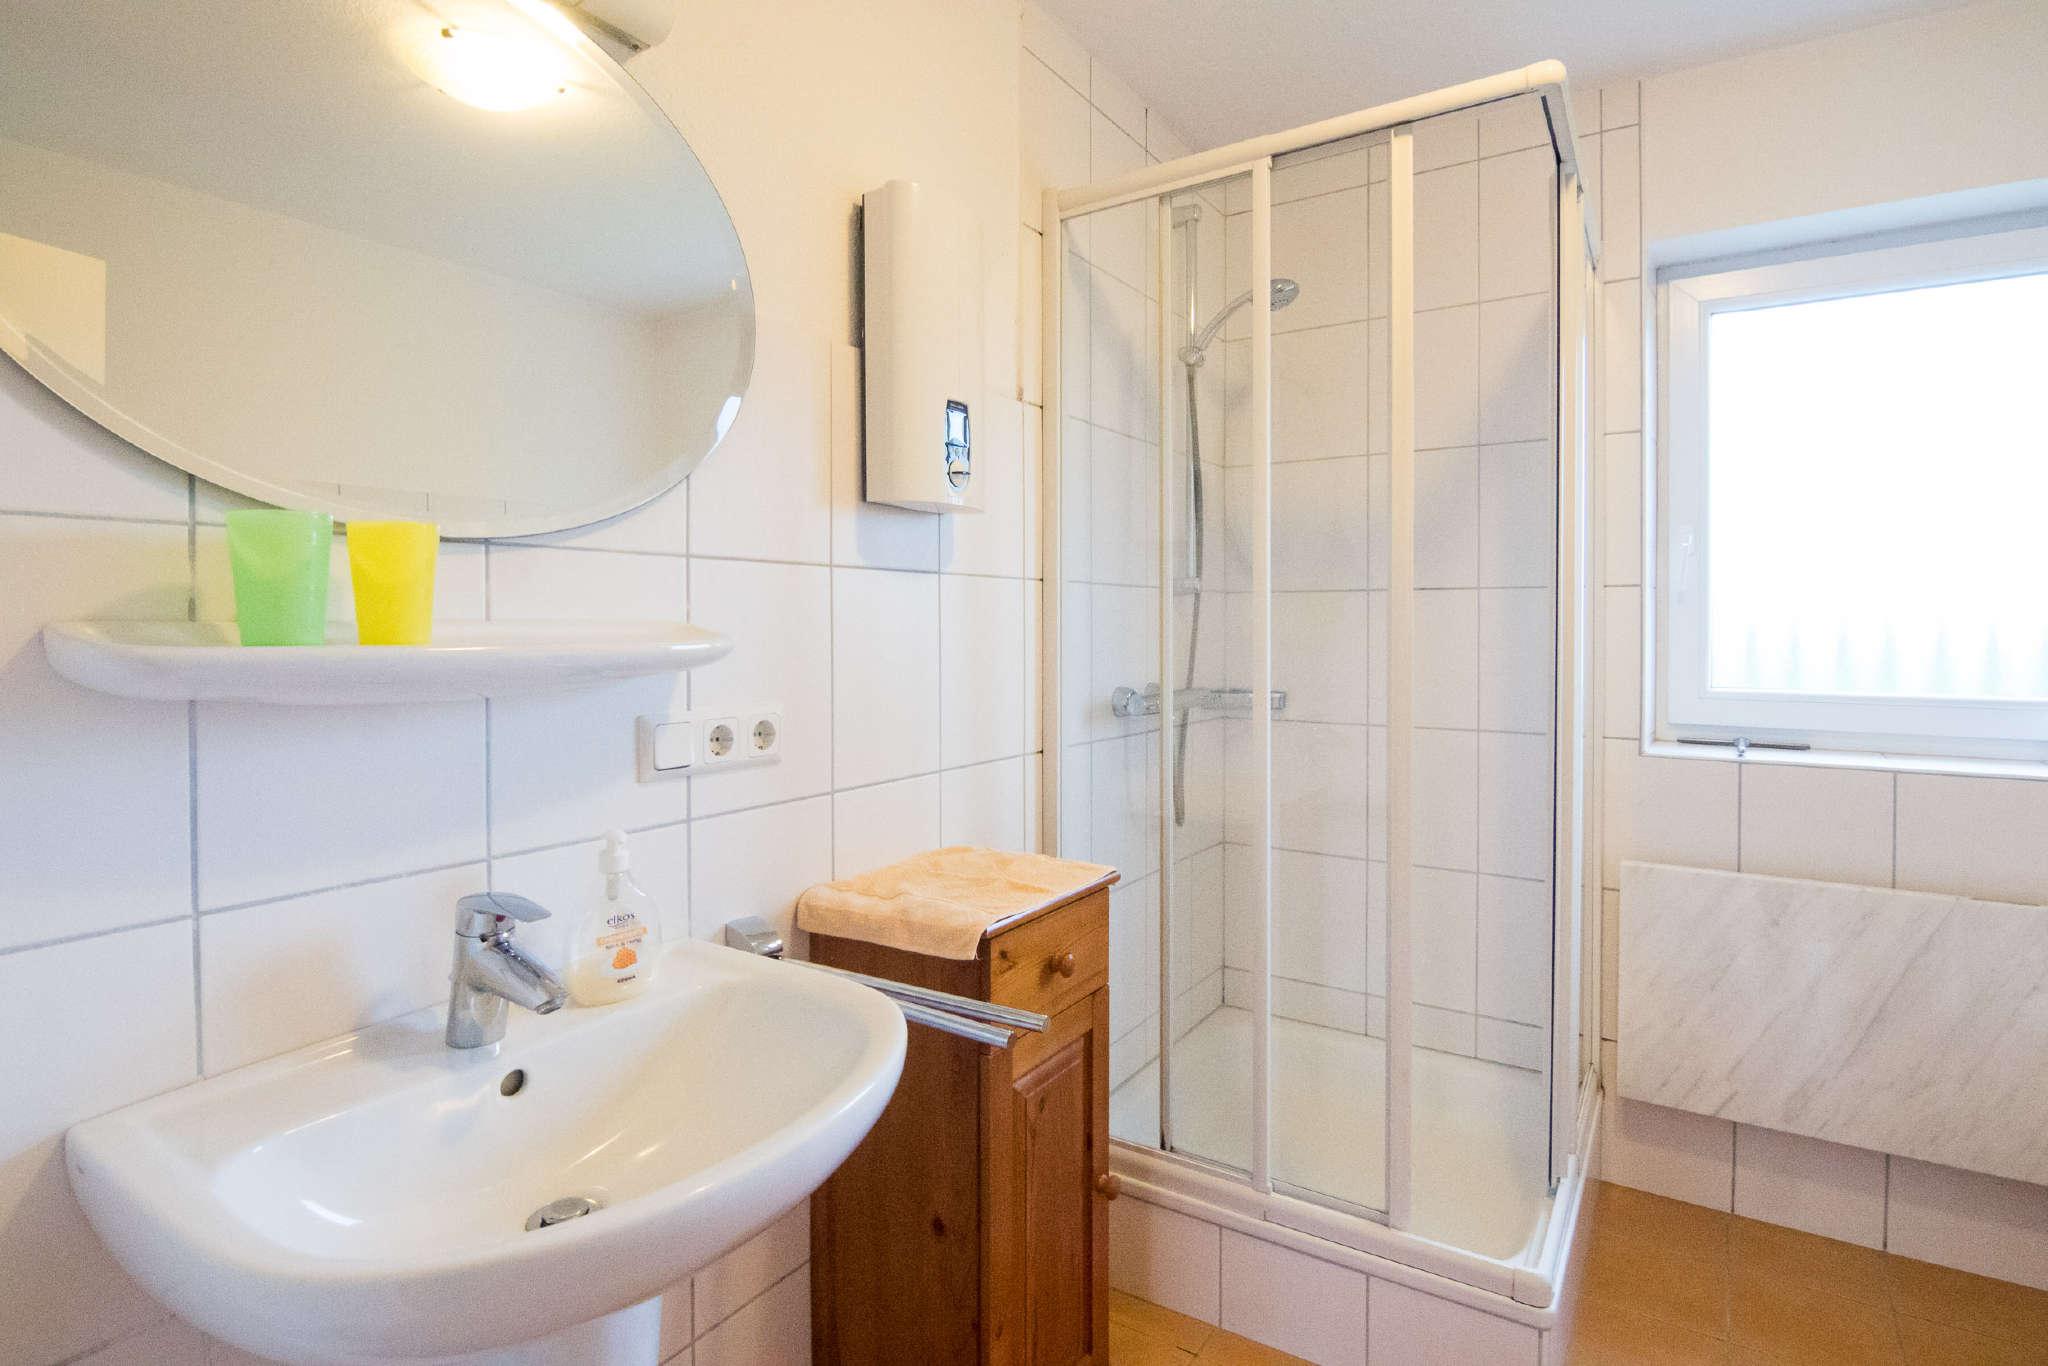 Duschbad mit Fön und Handtüchern